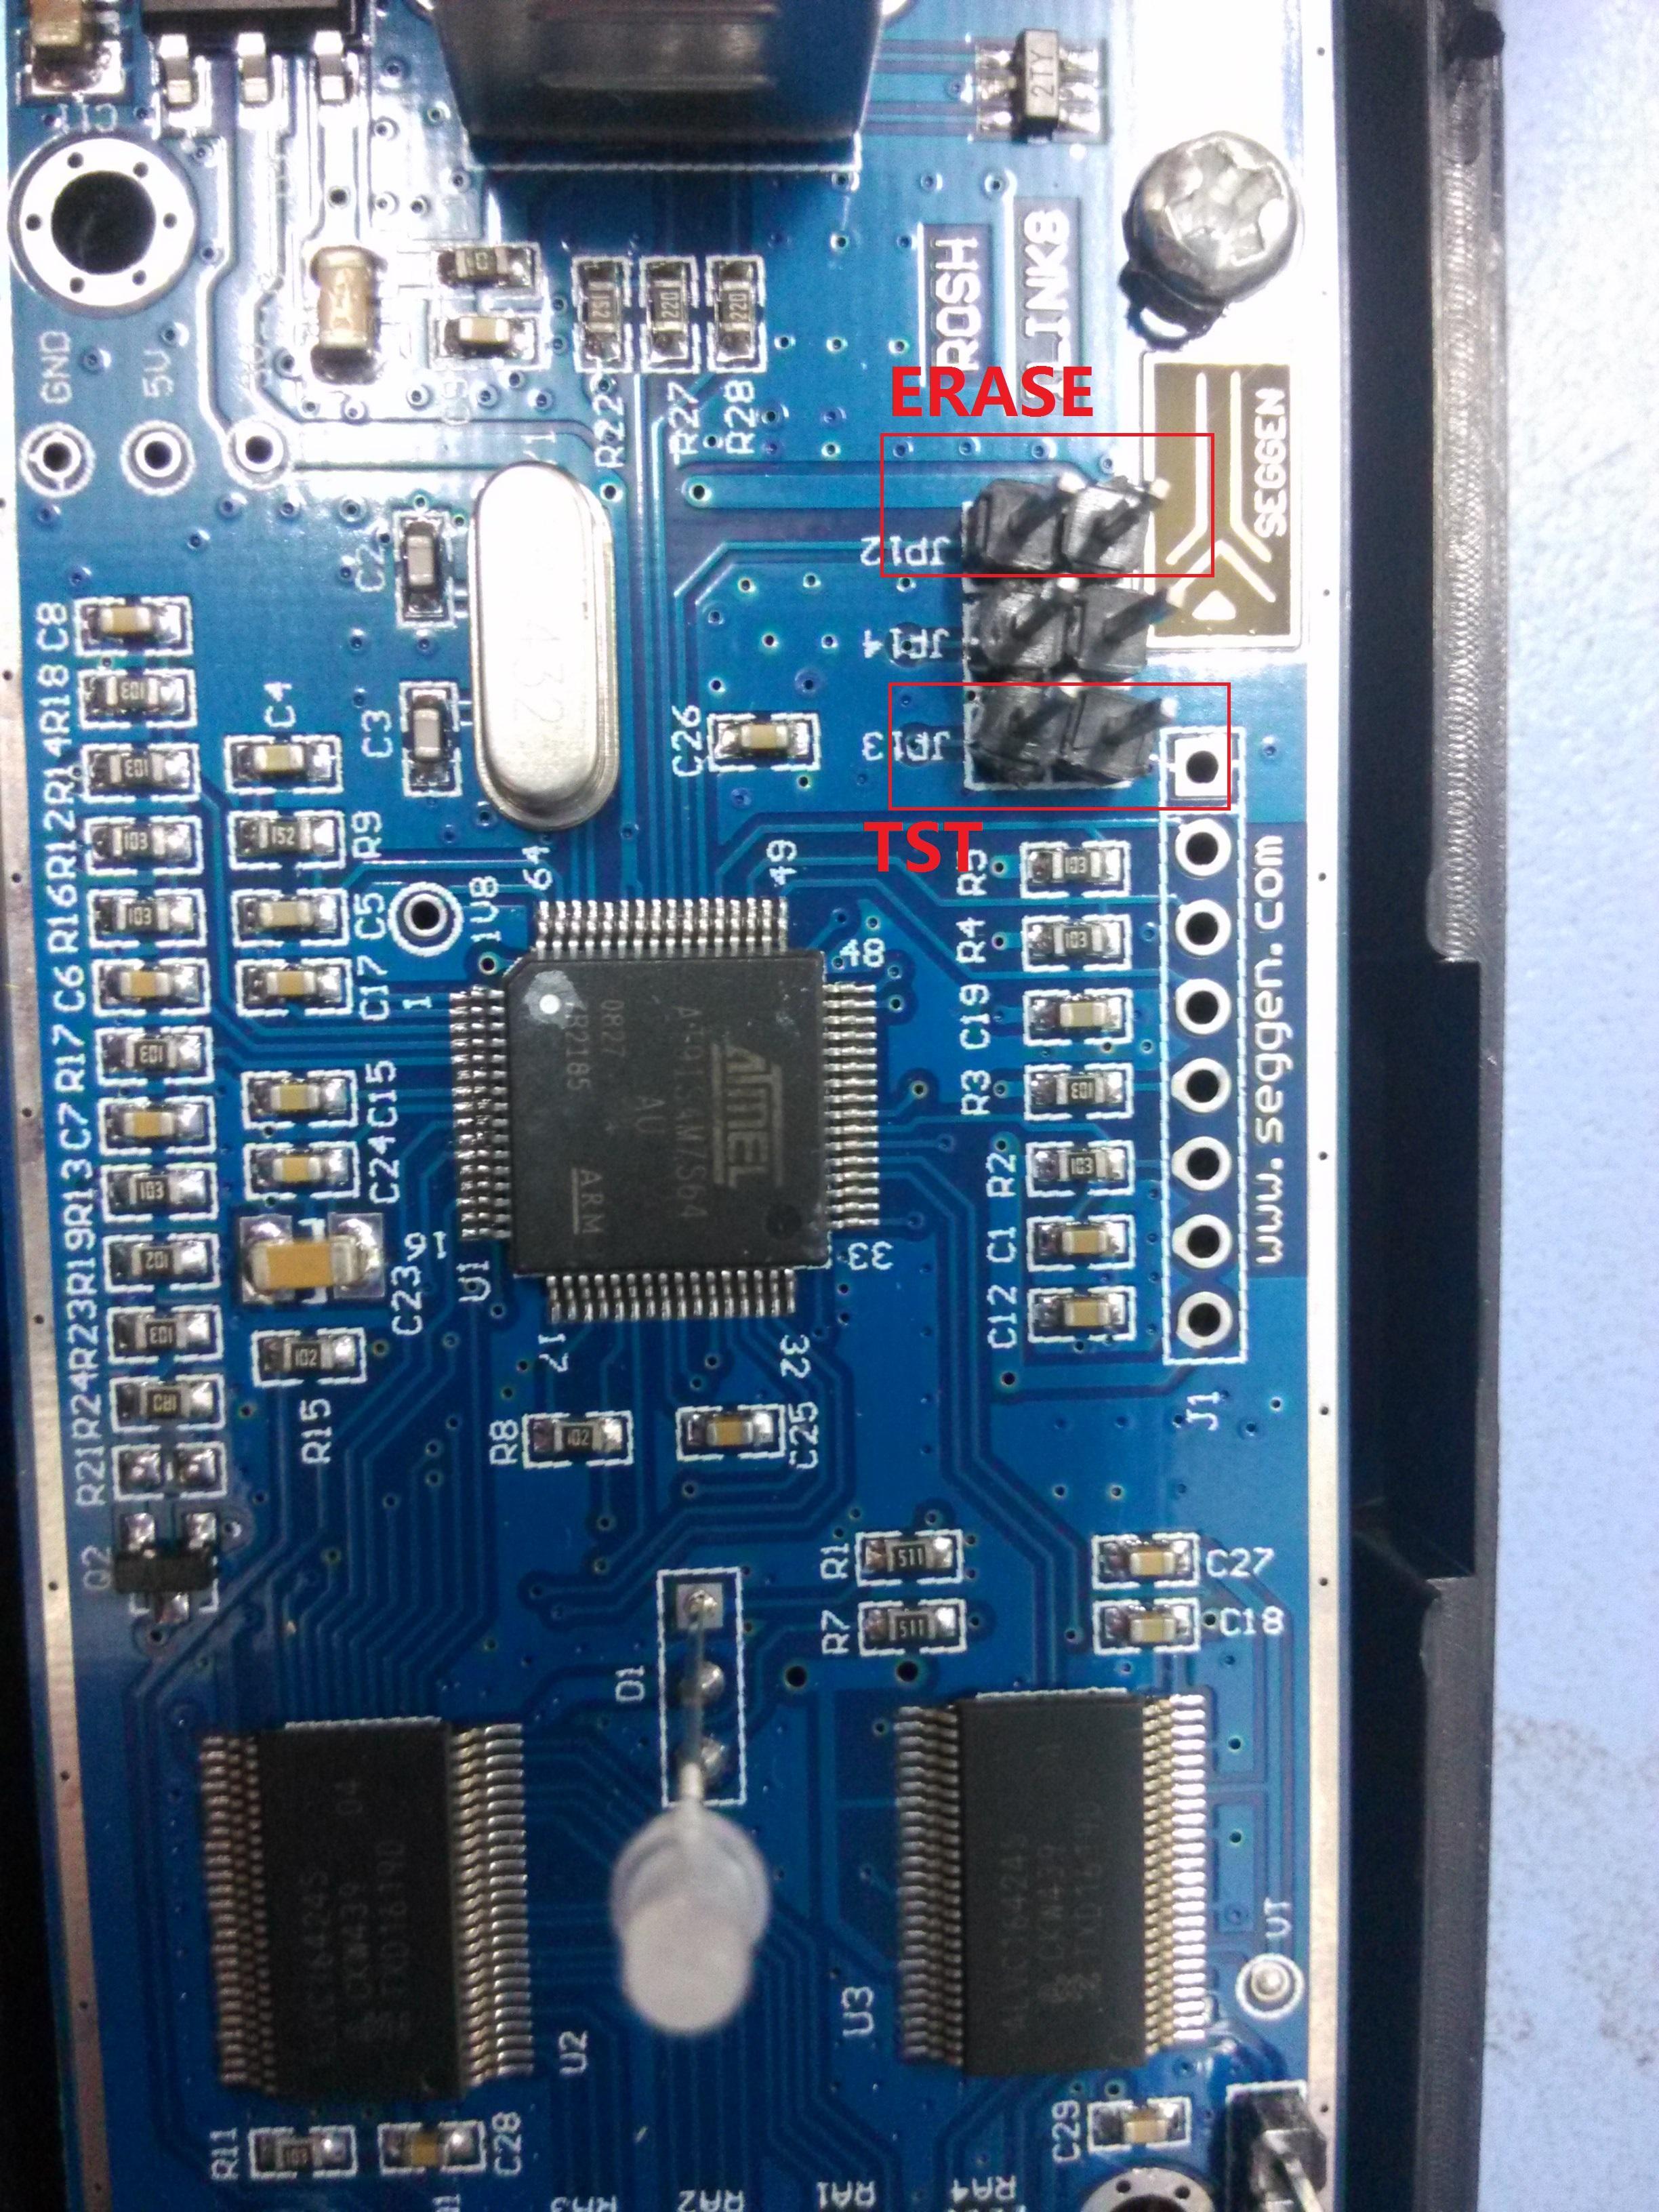 Switch] JLink re-flashing firmware (win7/win8/win10 pro test